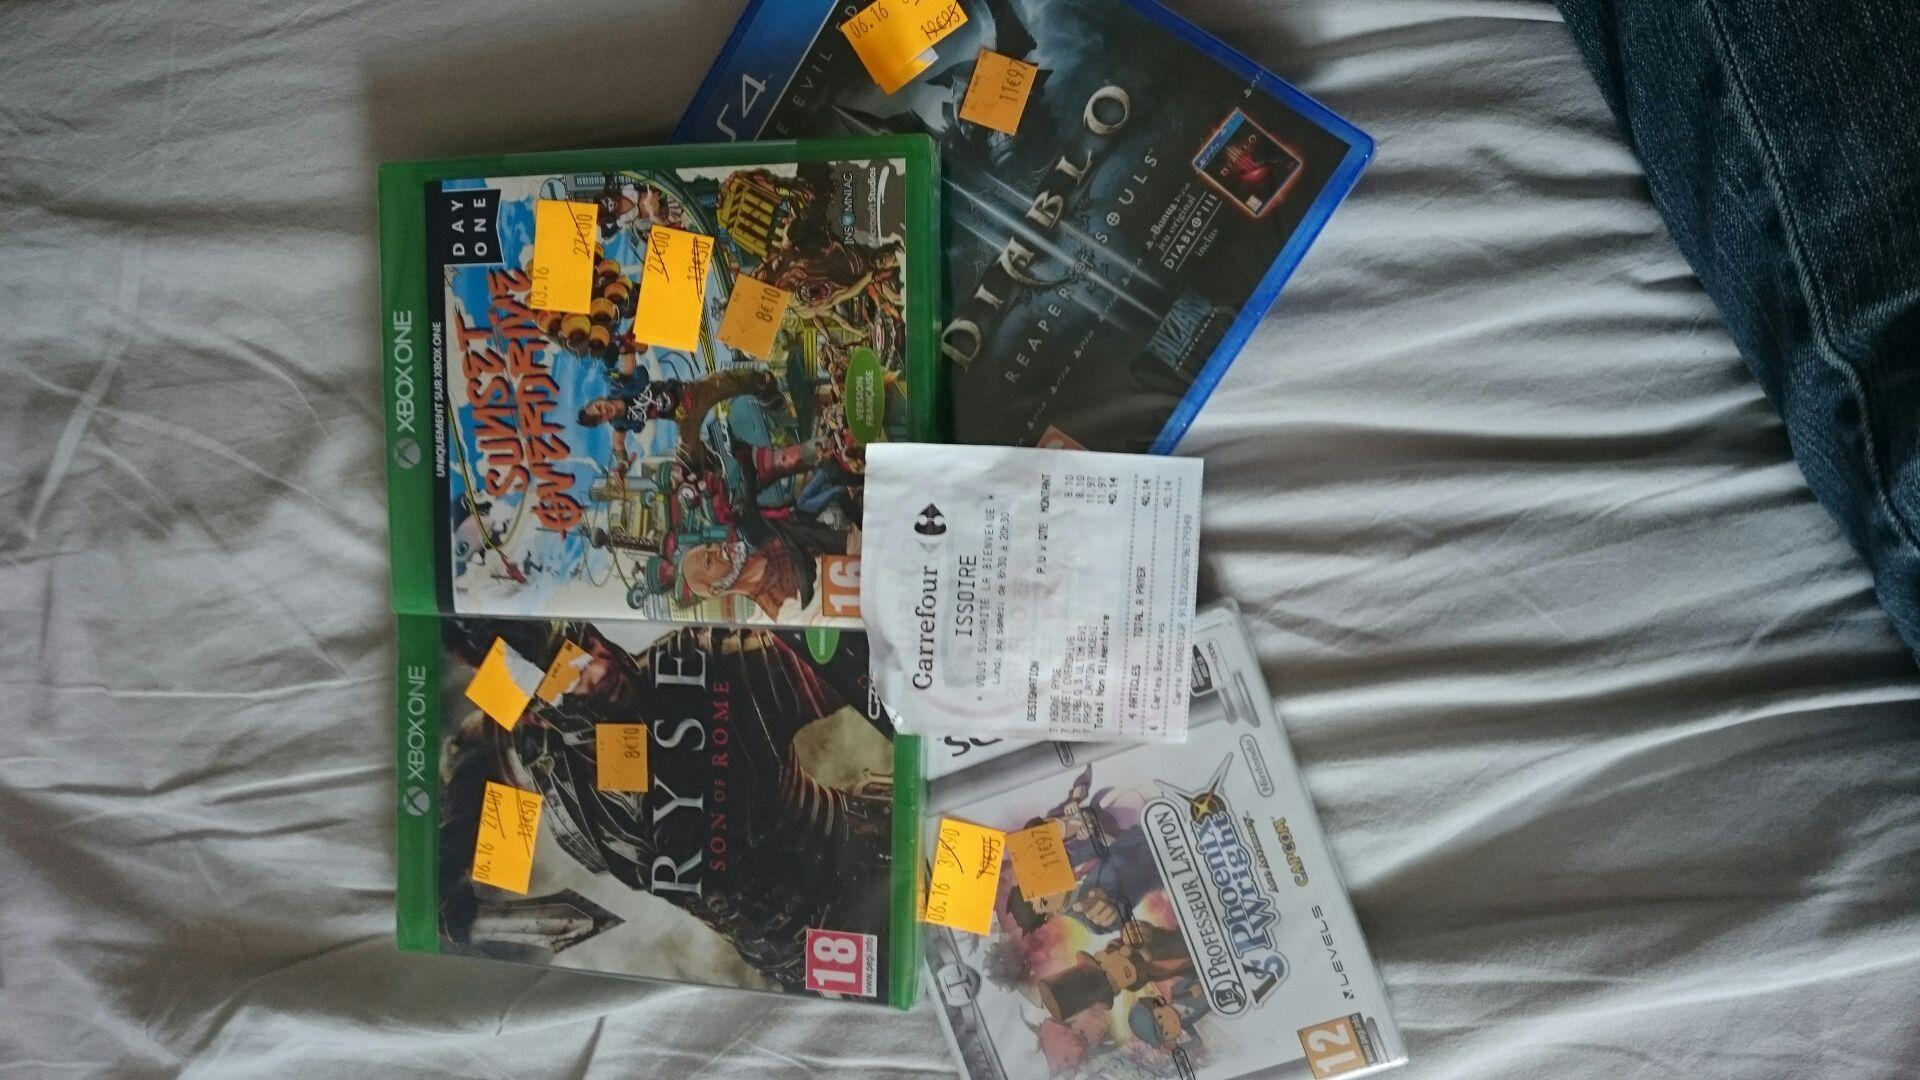 Sélection de jeux vidéos en promotion - Ex : Jeu Diablo 3 definitive edition sur Xbox One et PS4